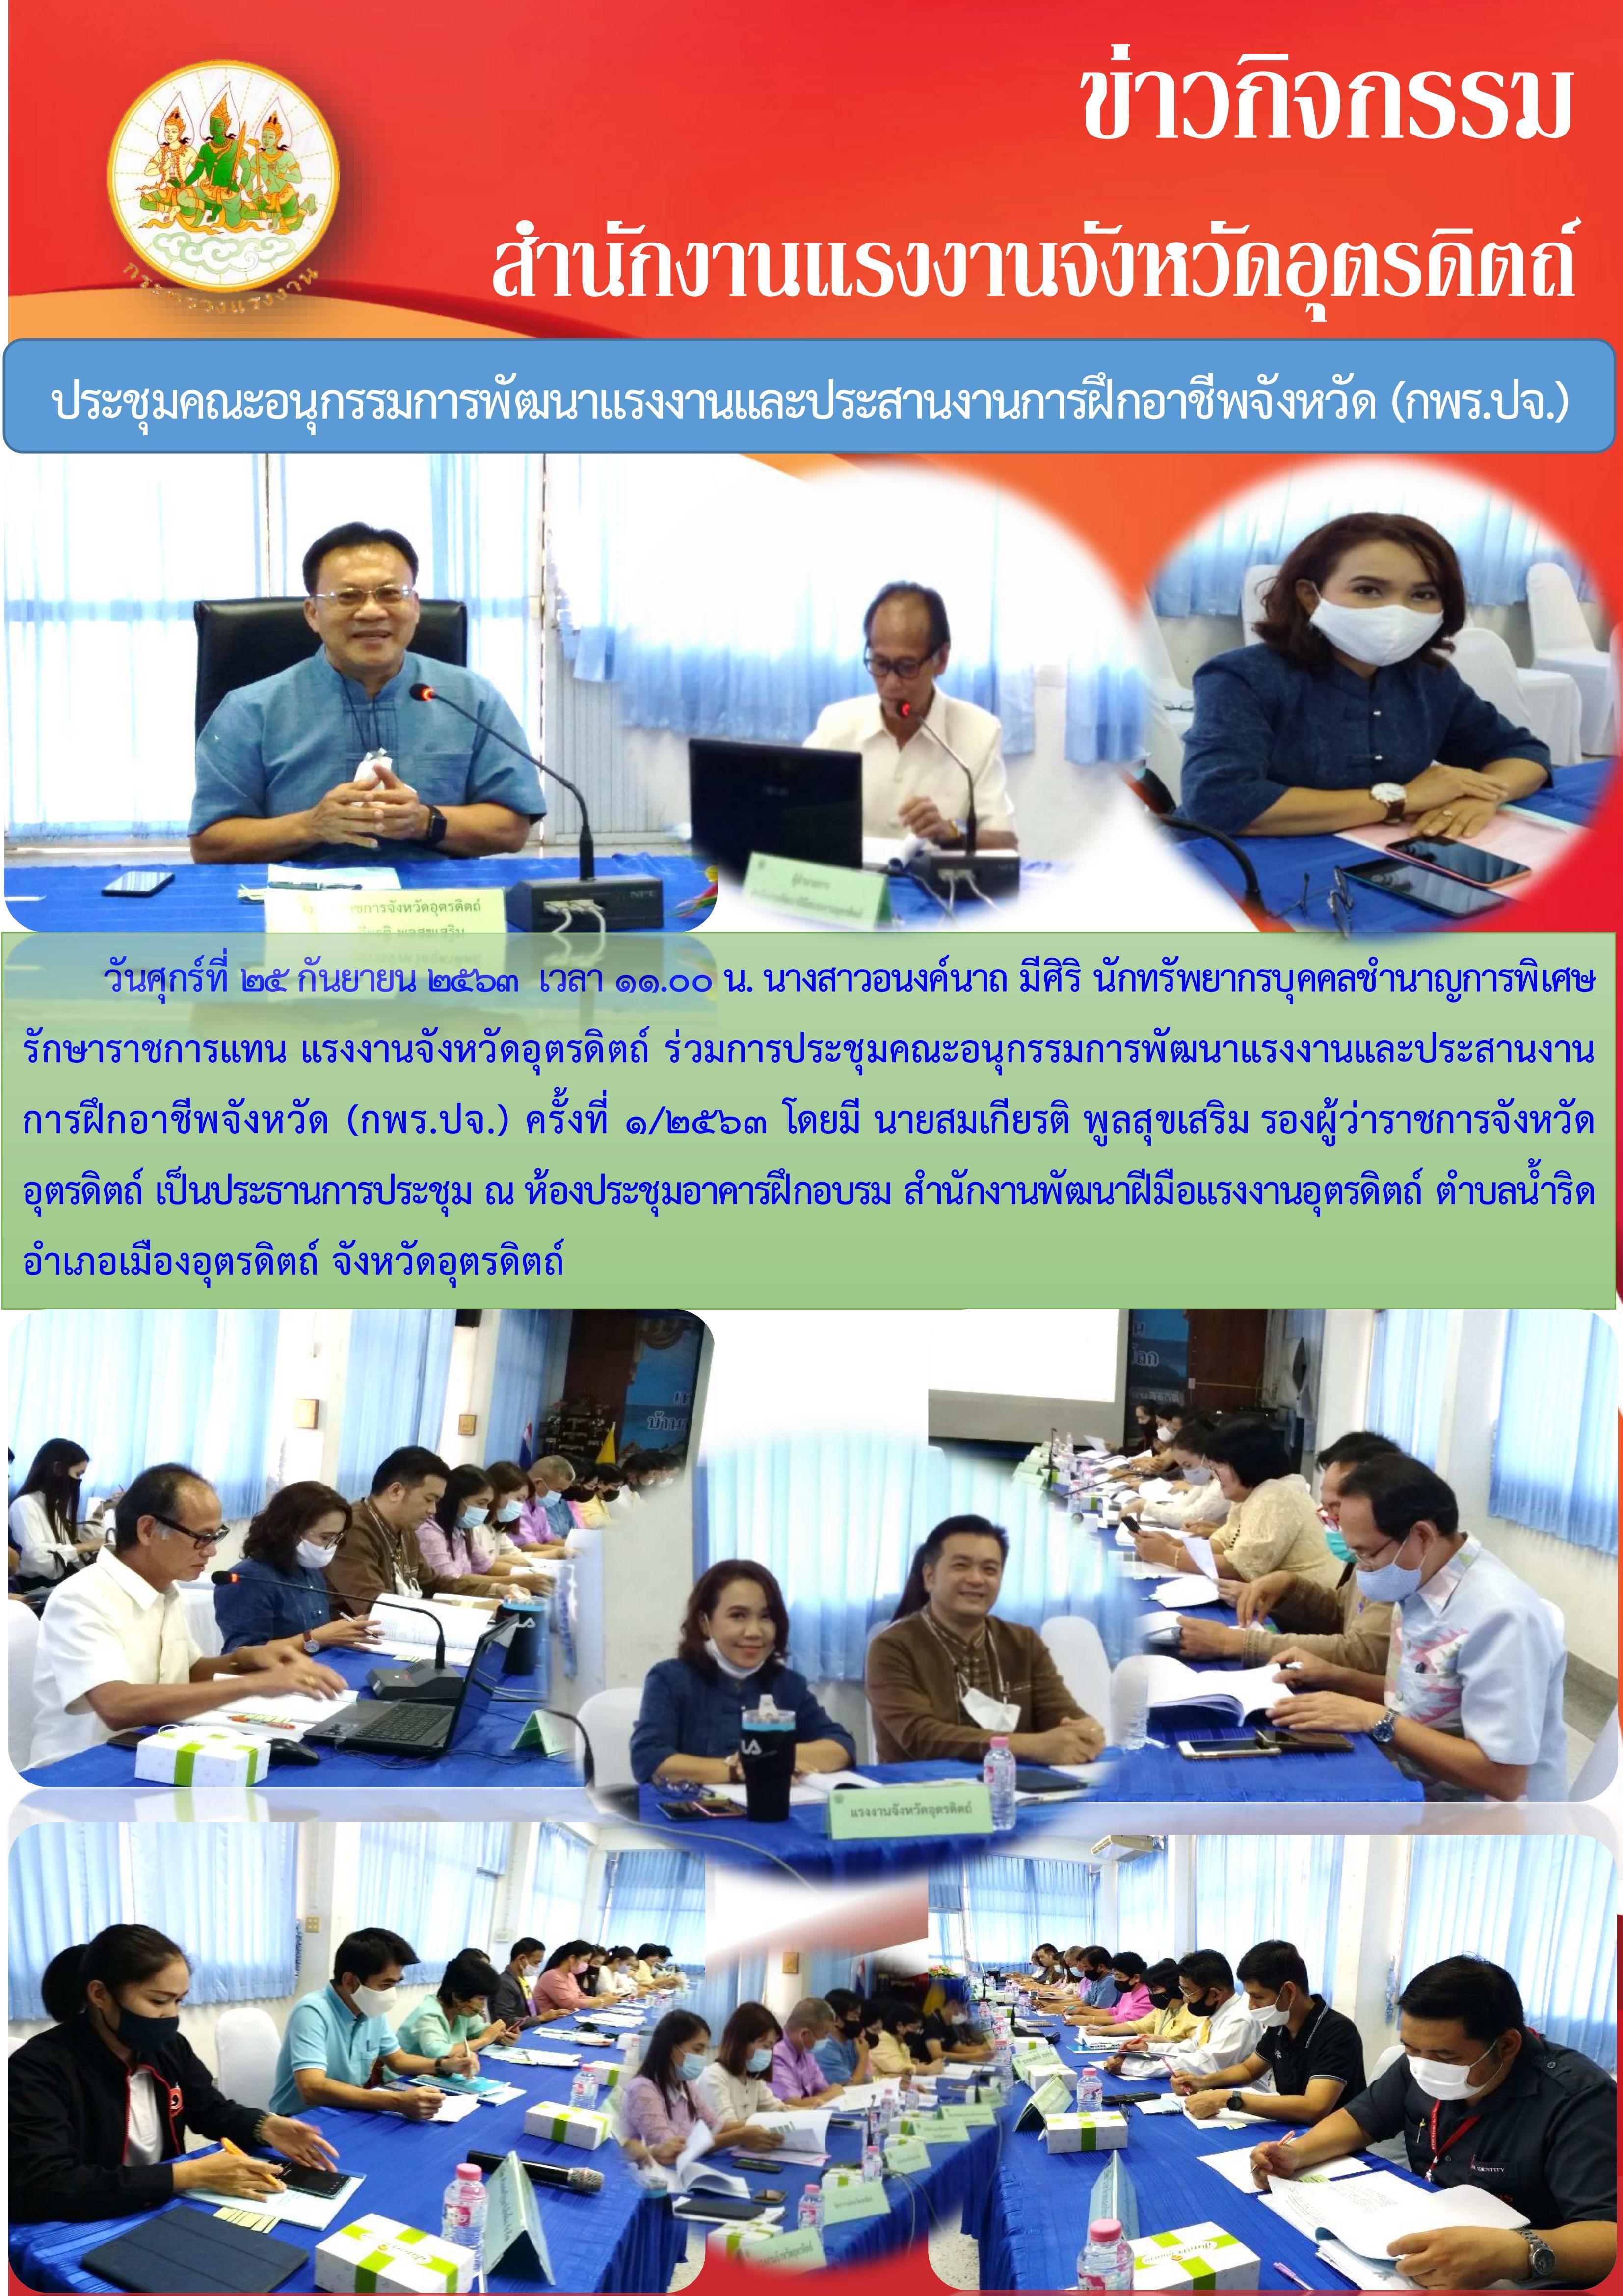 สรจ.อุตรดิตถ์ ร่วมการประชุมคณะอนุกรรมการพัฒนาแรงงานและประสานงานการฝึกอาชีพจังหวัด (กพร.ปจ.) ครั้งที่ 1/2563